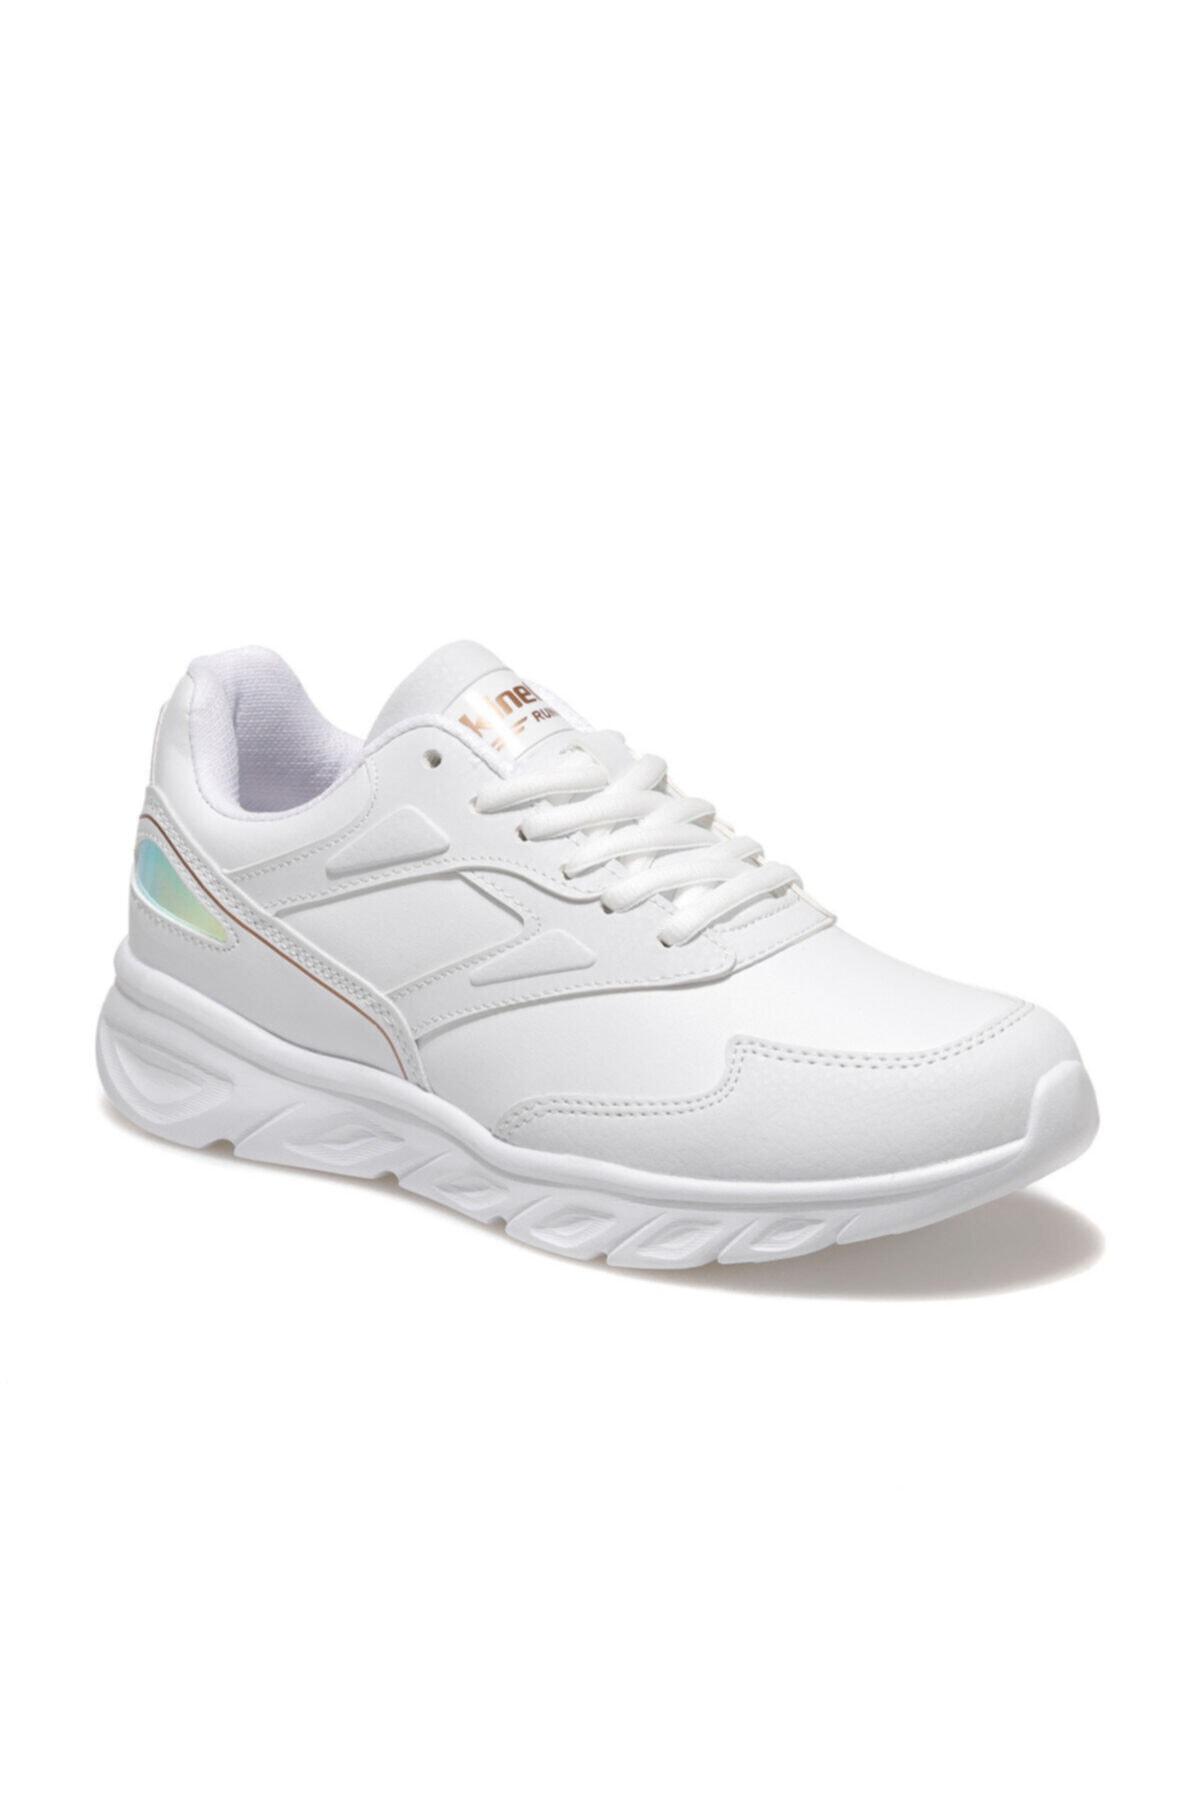 Kinetix BOTAN W Beyaz Kadın Koşu Ayakkabısı 100535509 1